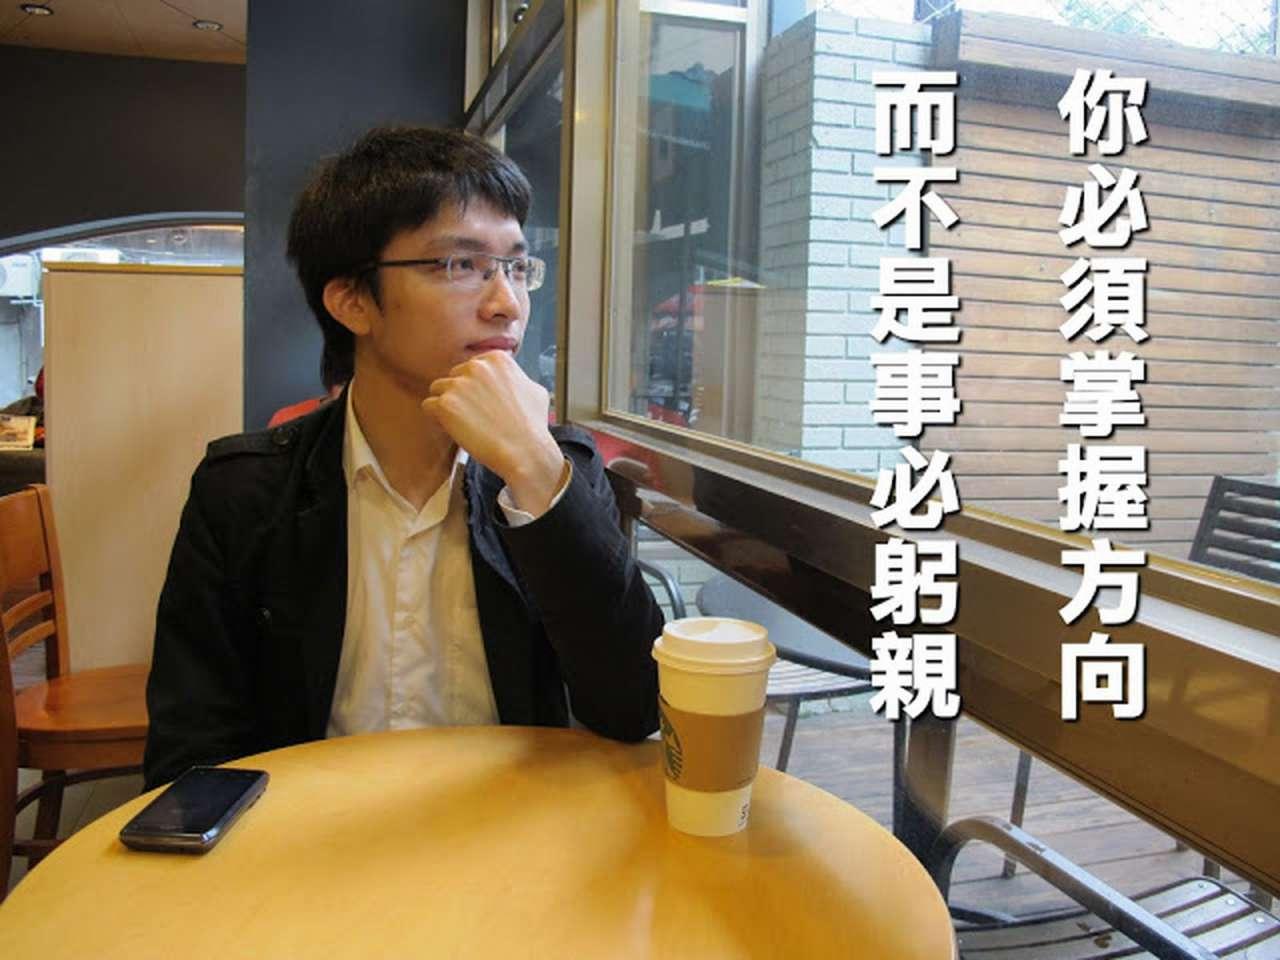 你必須掌握方向,而不是事必躬親/專訪 Hacks In Taiwan 台灣駭客年會資深幹部翁浩正 Allen Own